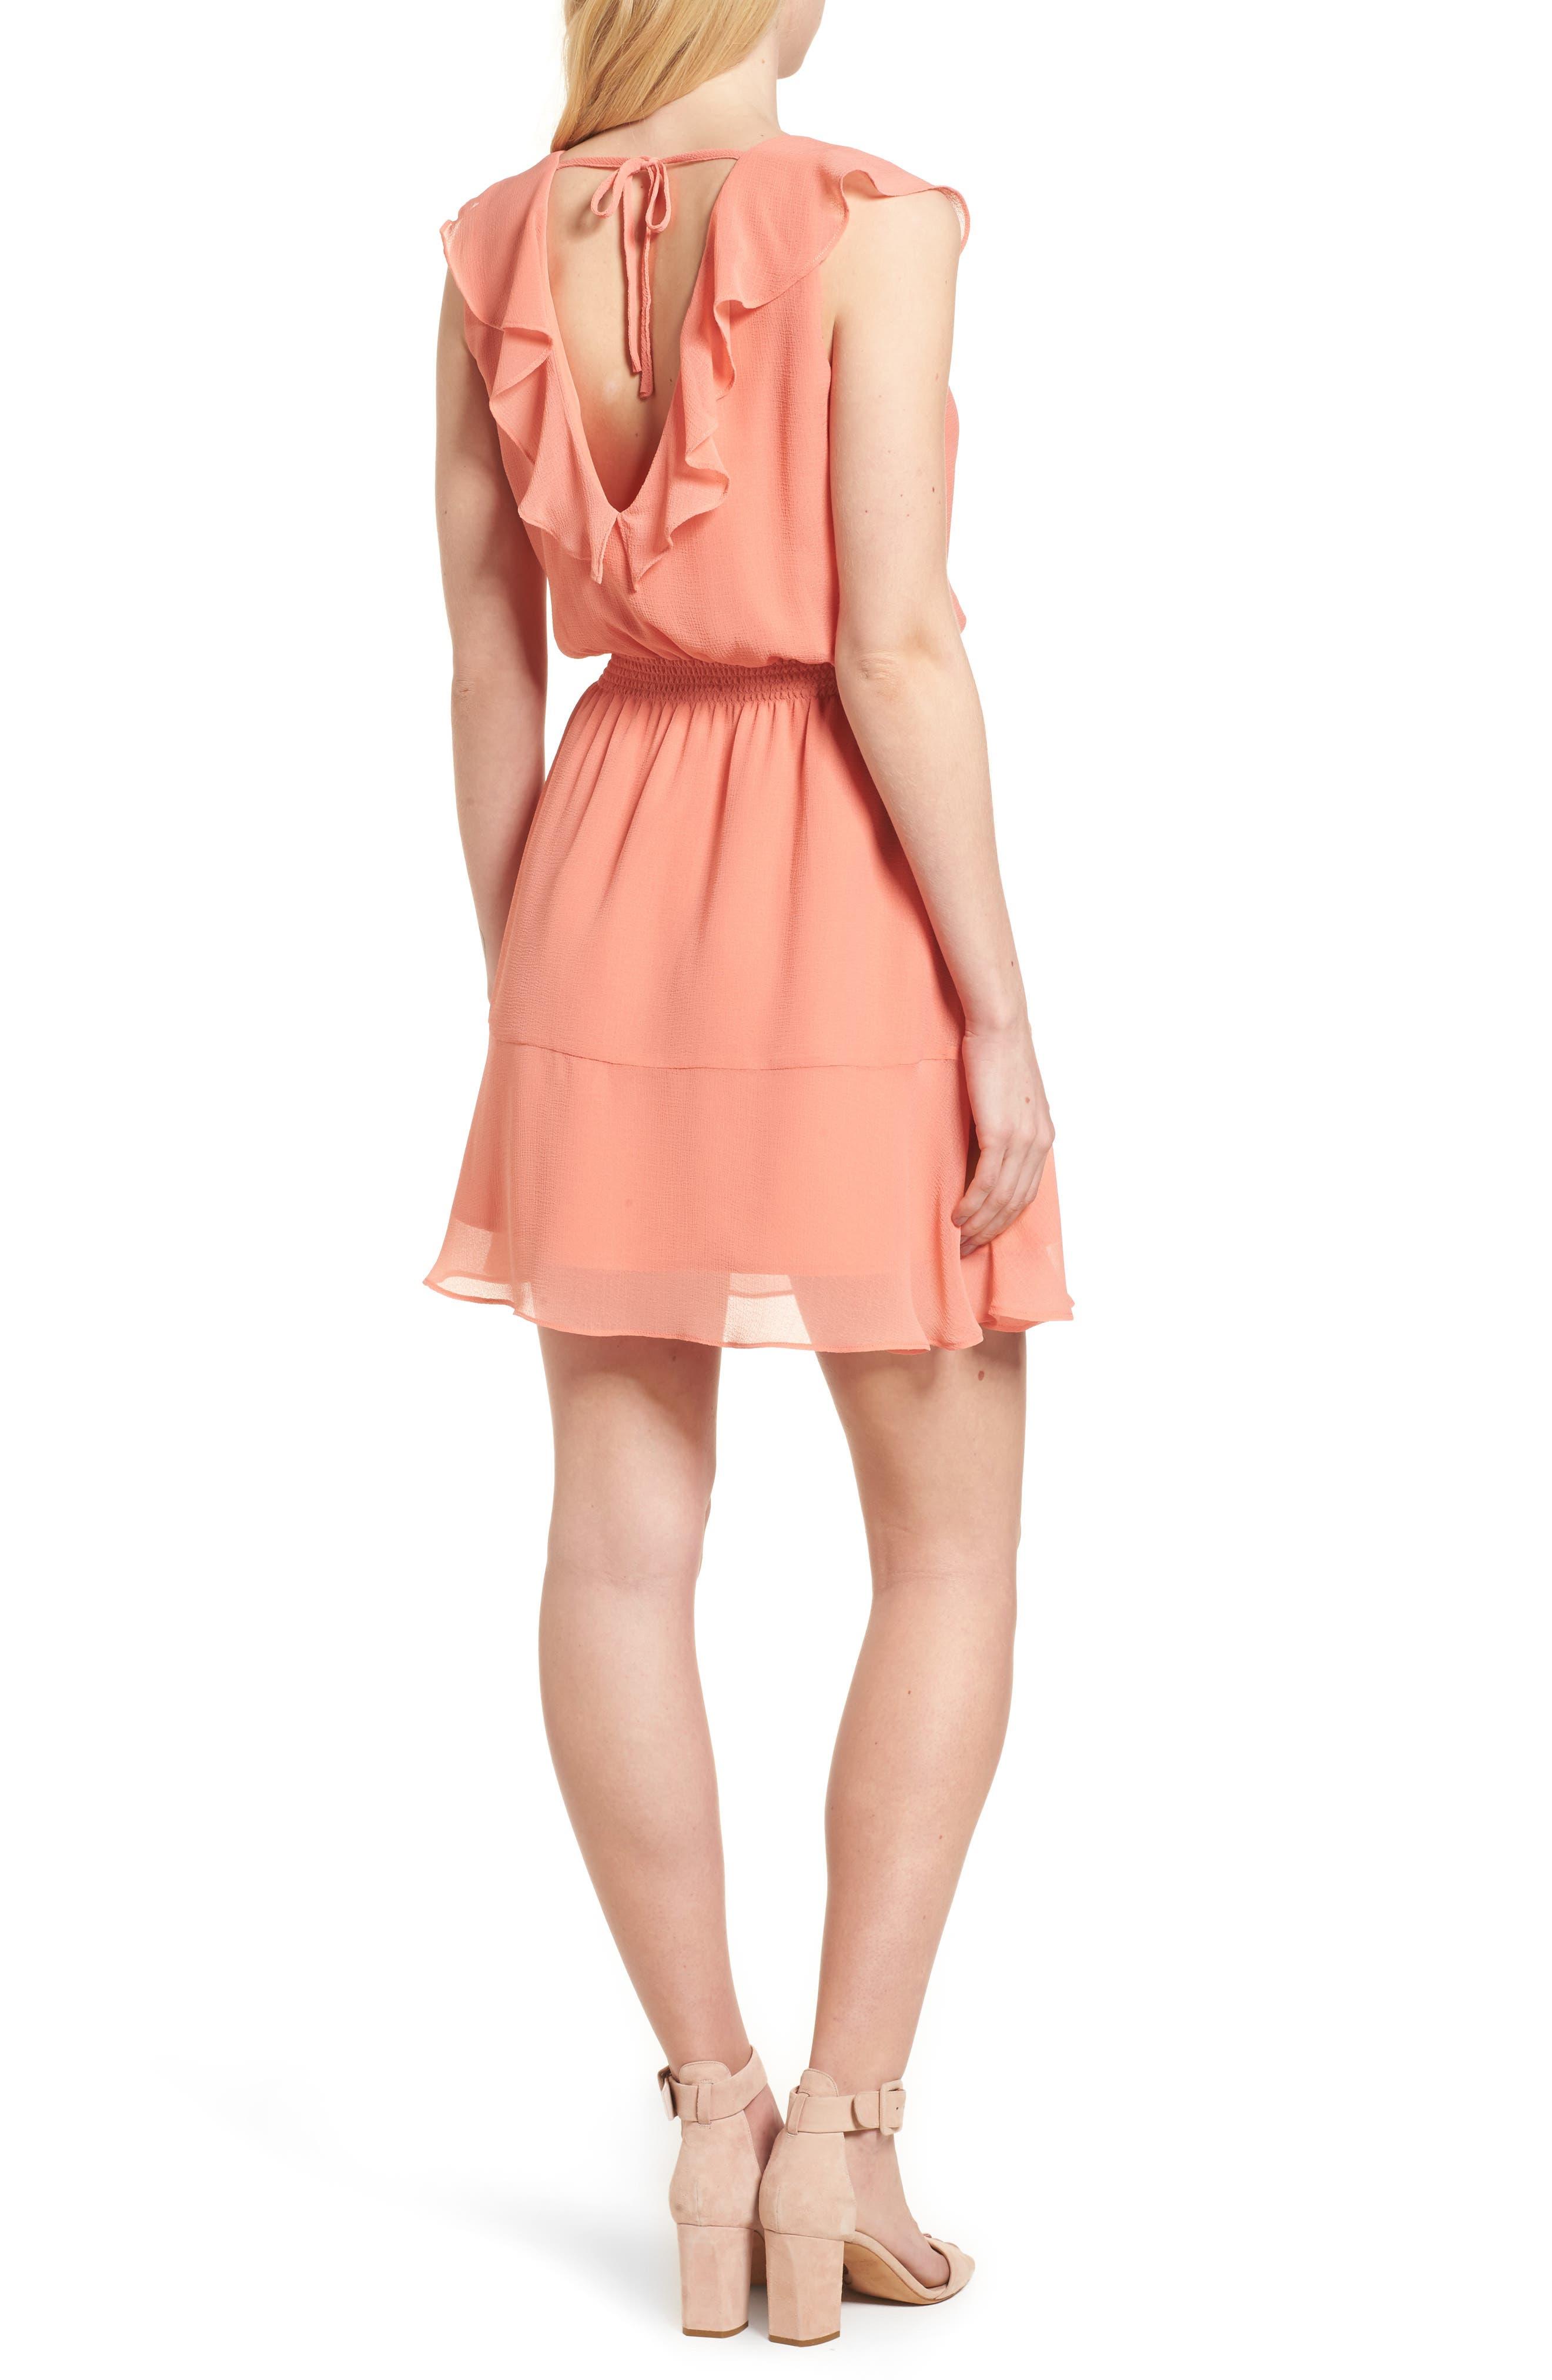 Iniko Blouson Dress,                             Alternate thumbnail 2, color,                             950